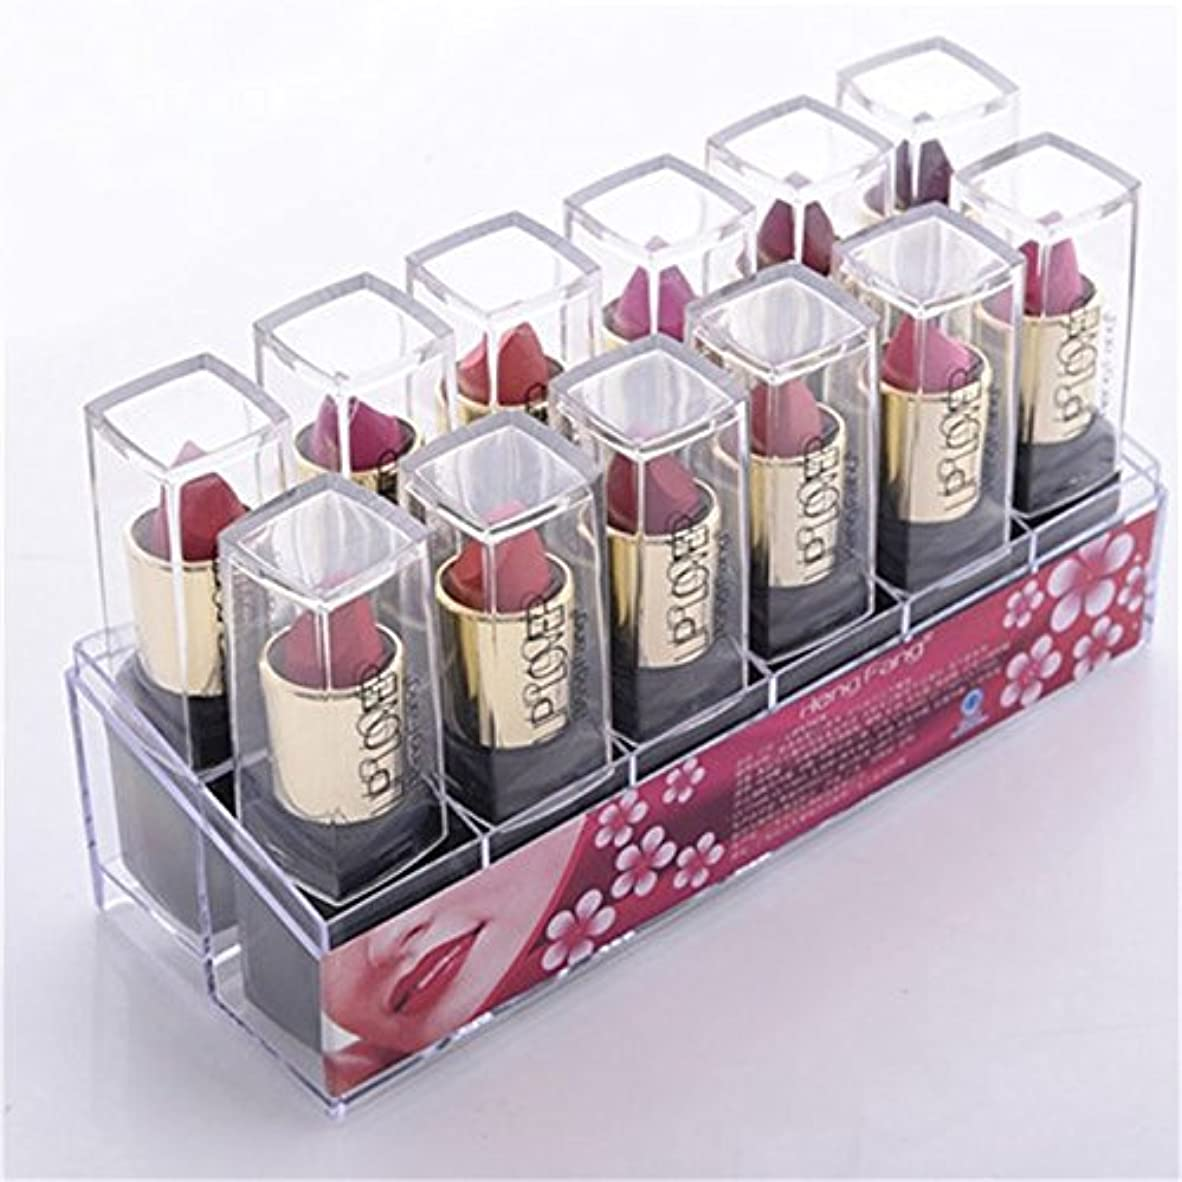 レスリングパキスタン人歩く2017 New 12pcs/set Lipsticks Sex Nude Lip Matte Kits Long Lasting Waterproof Pigment Matte Makeup Lipstick Set by HengFang